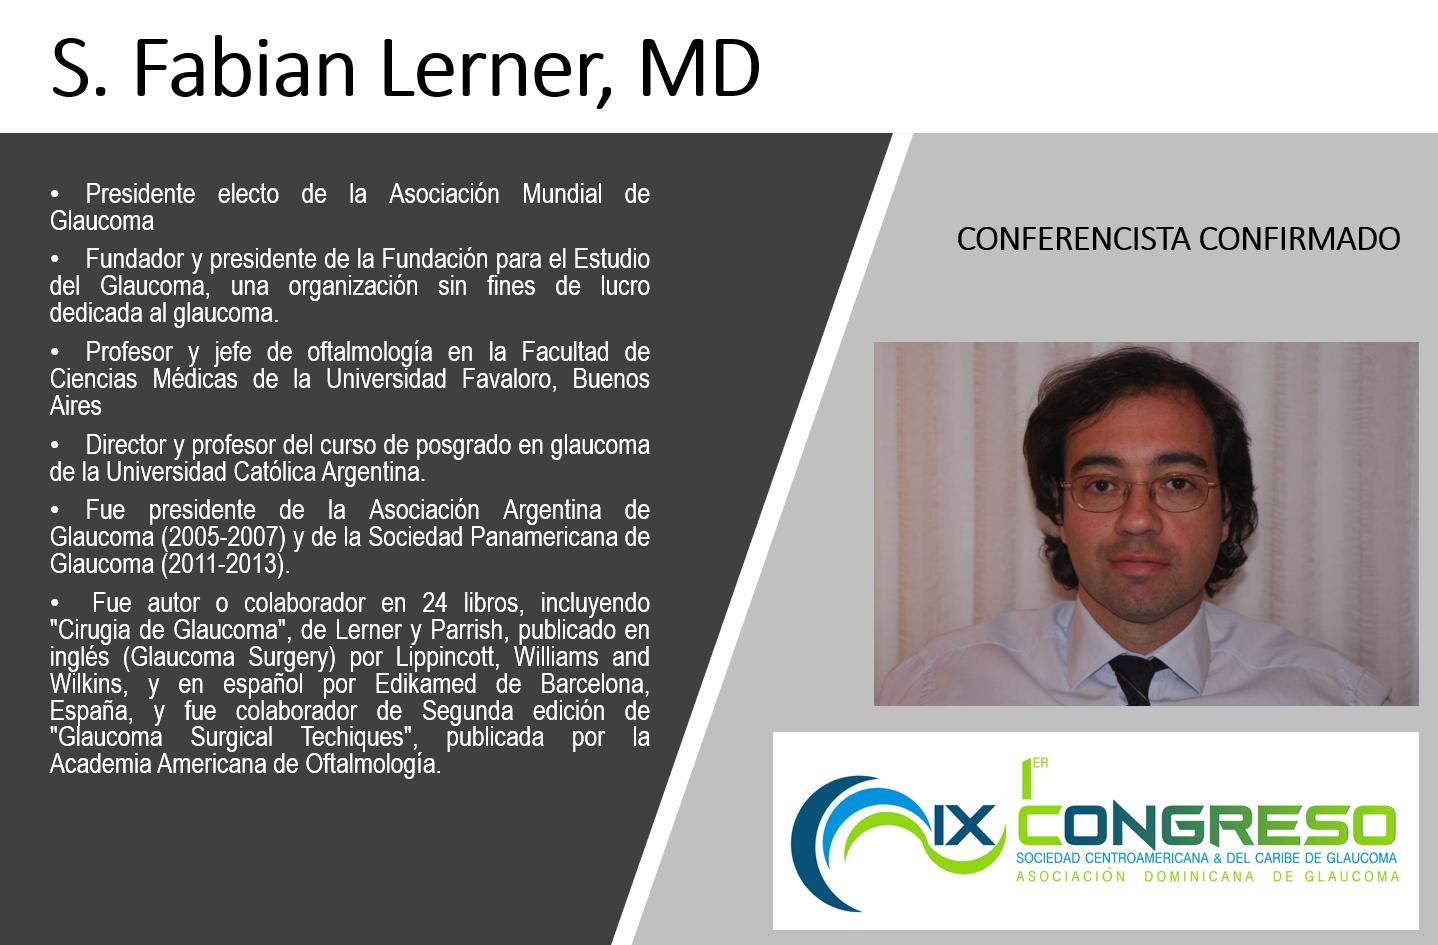 Dr. Fabian Lerner